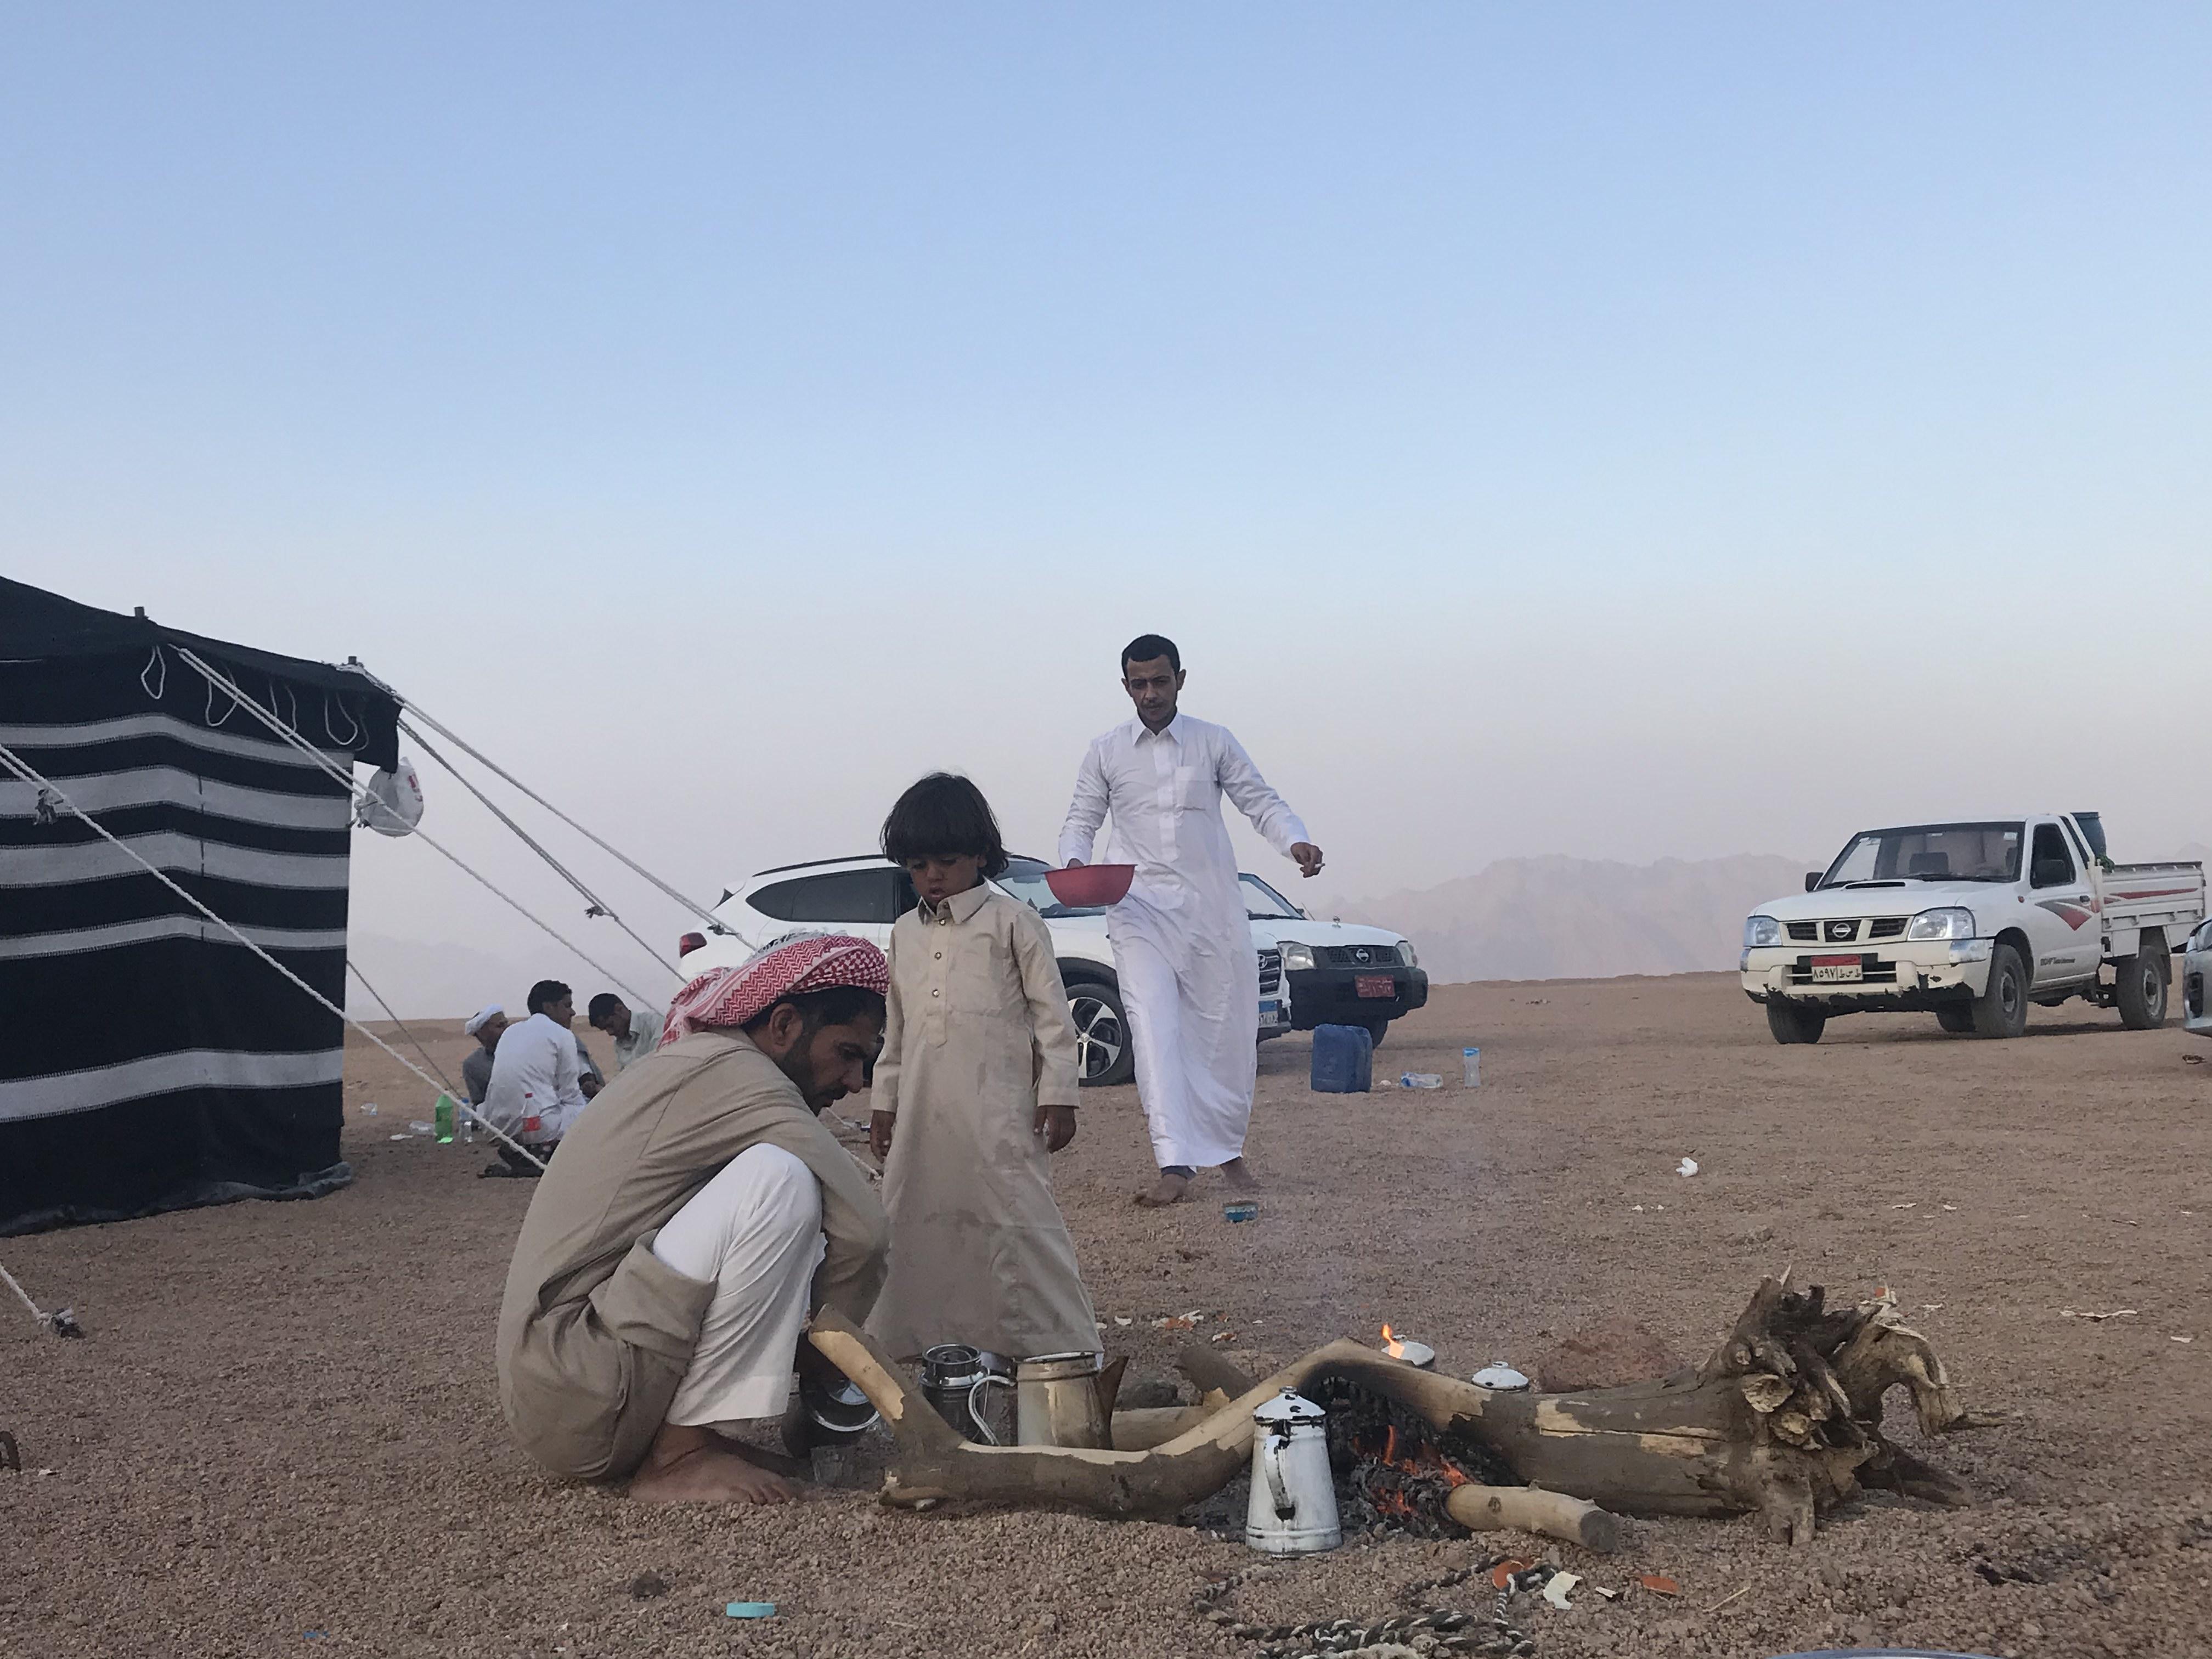 المشاركون فى مهرجان الهجن بشرم الشيخ من مختلف المحافظات (1)